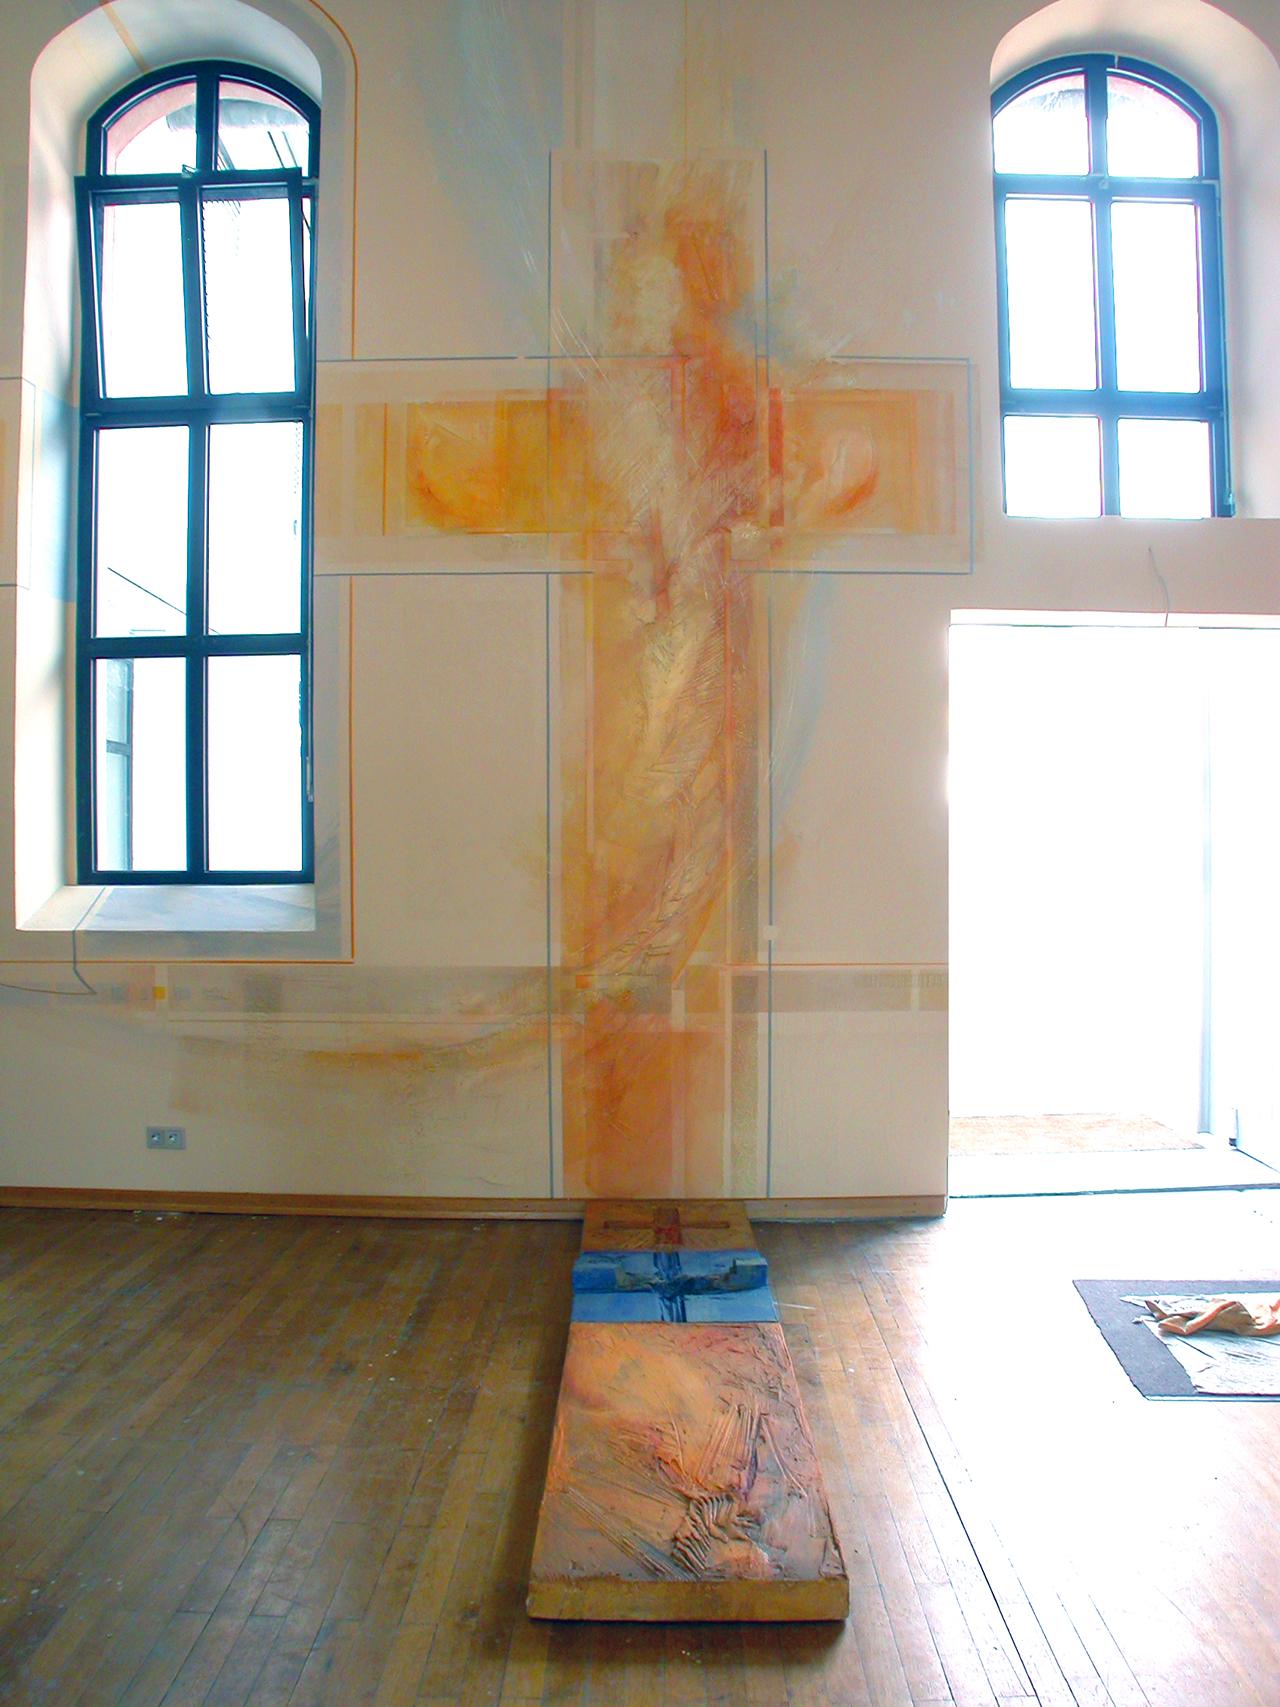 Ev. Kirchengemeinde Lampertheim, Farbgestaltung Gemeindesaal 2003